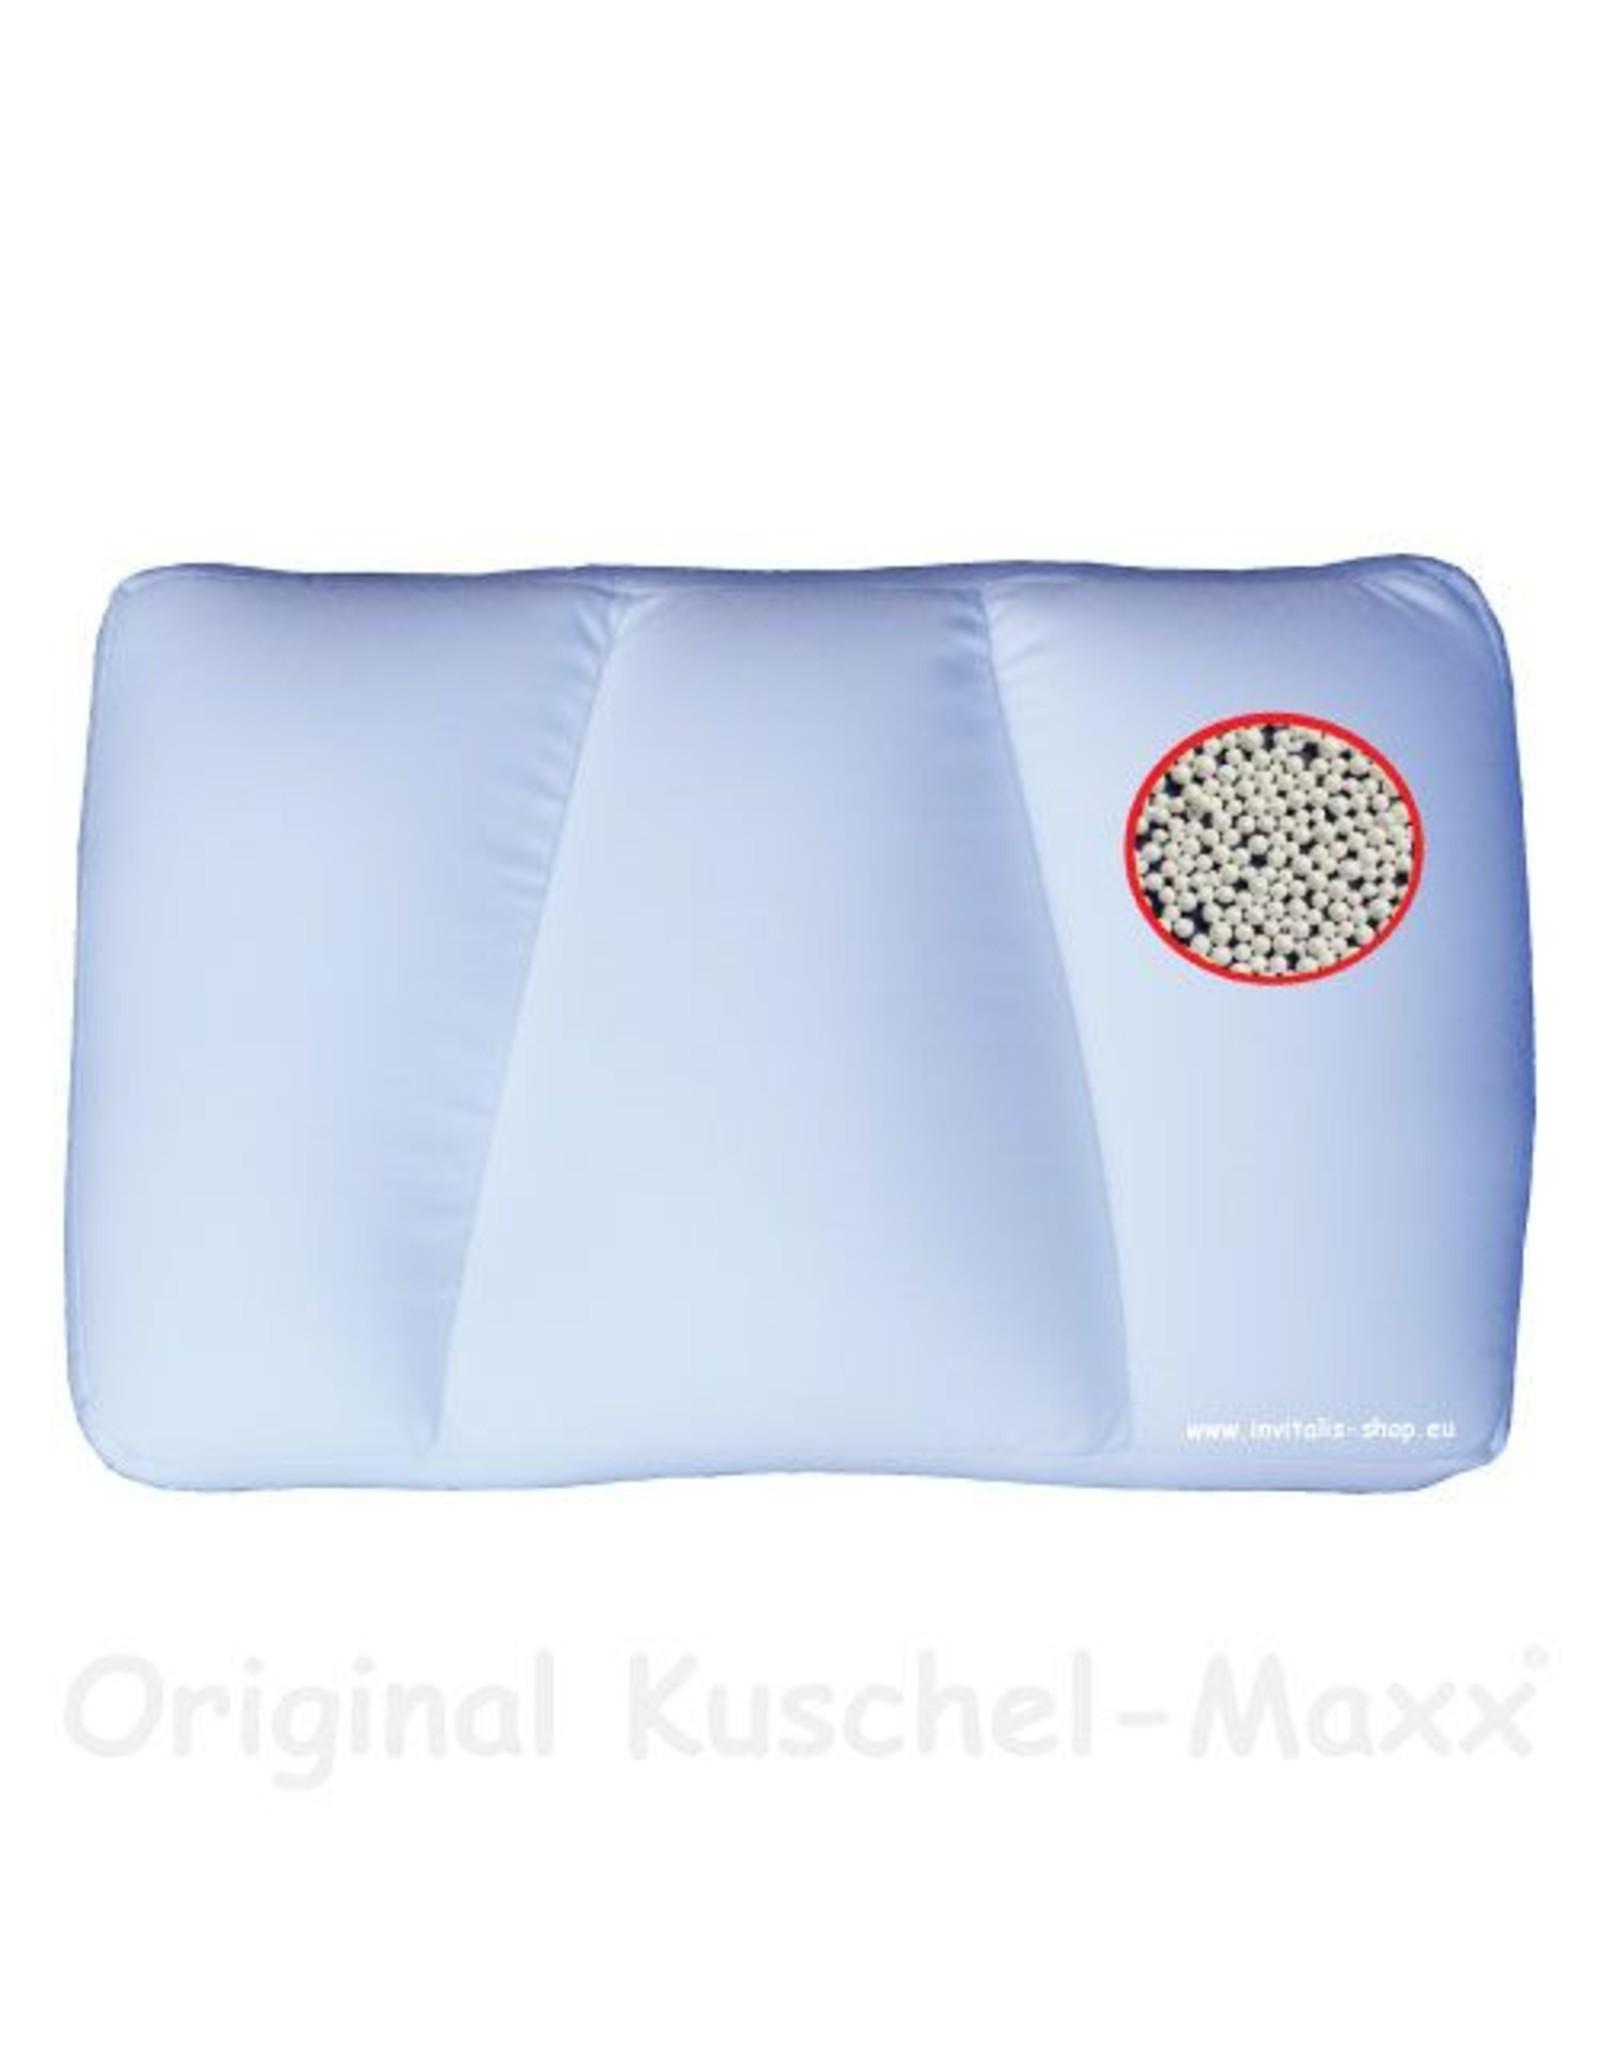 Kuschel-Maxx Kuschel-Maxx - Schlafkissen Weiss